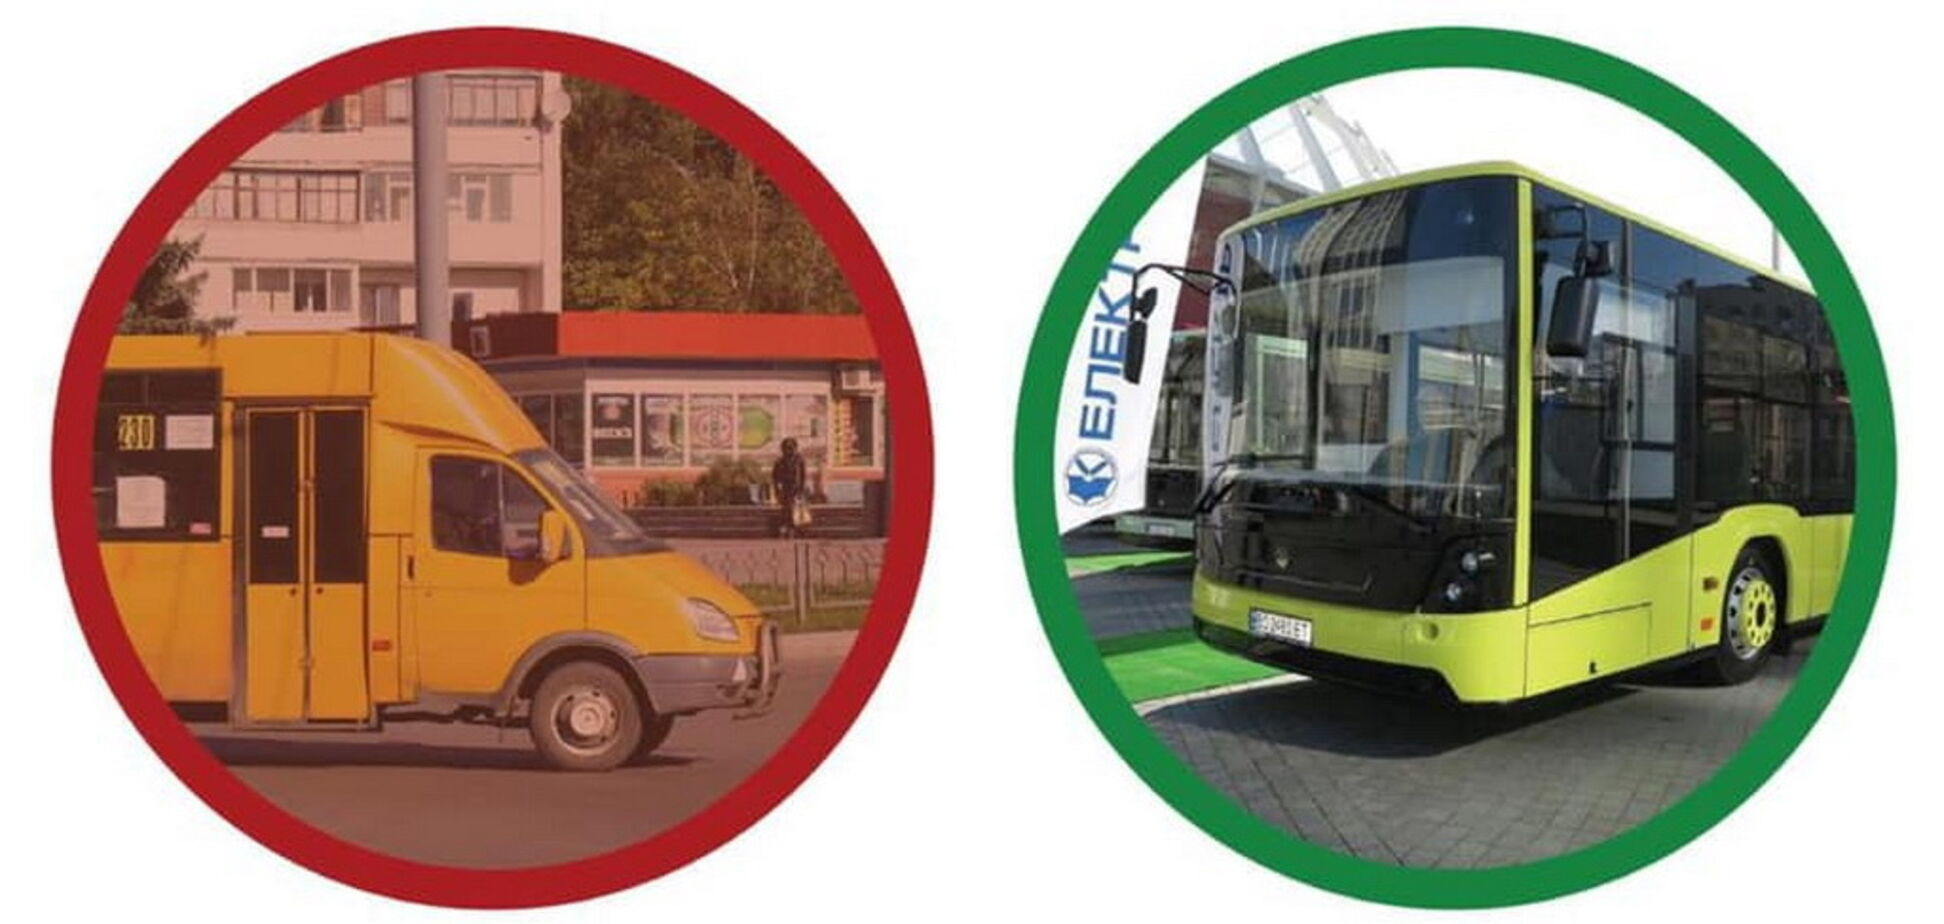 Депутати хочуть замінити маршрутки на автобуси